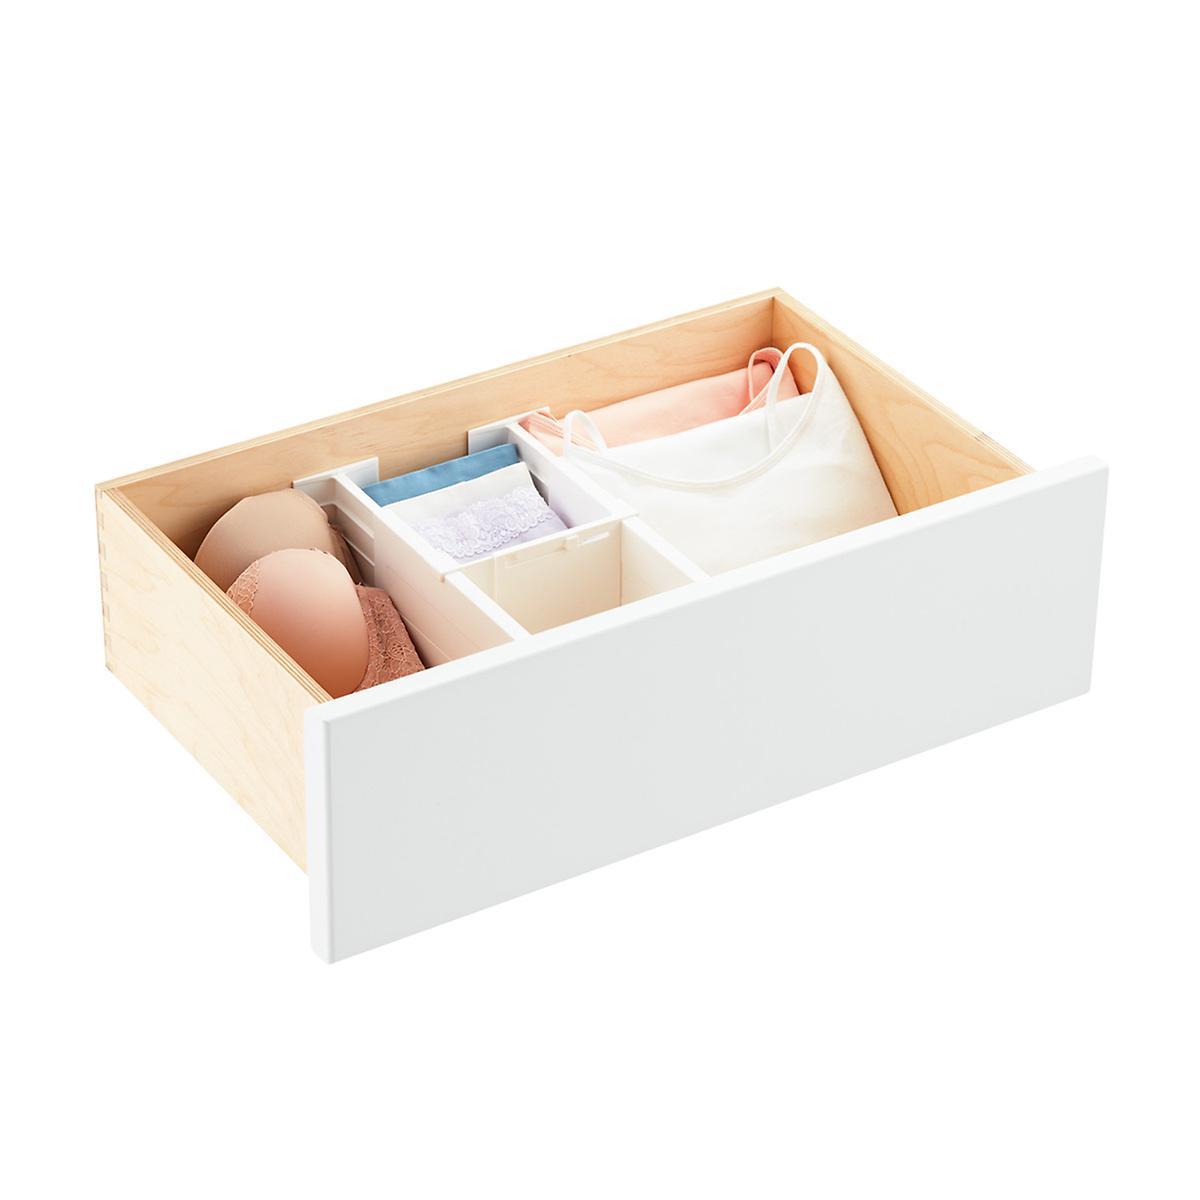 Dresser Drawer Organizer 4 Dream Drawer Organizers The